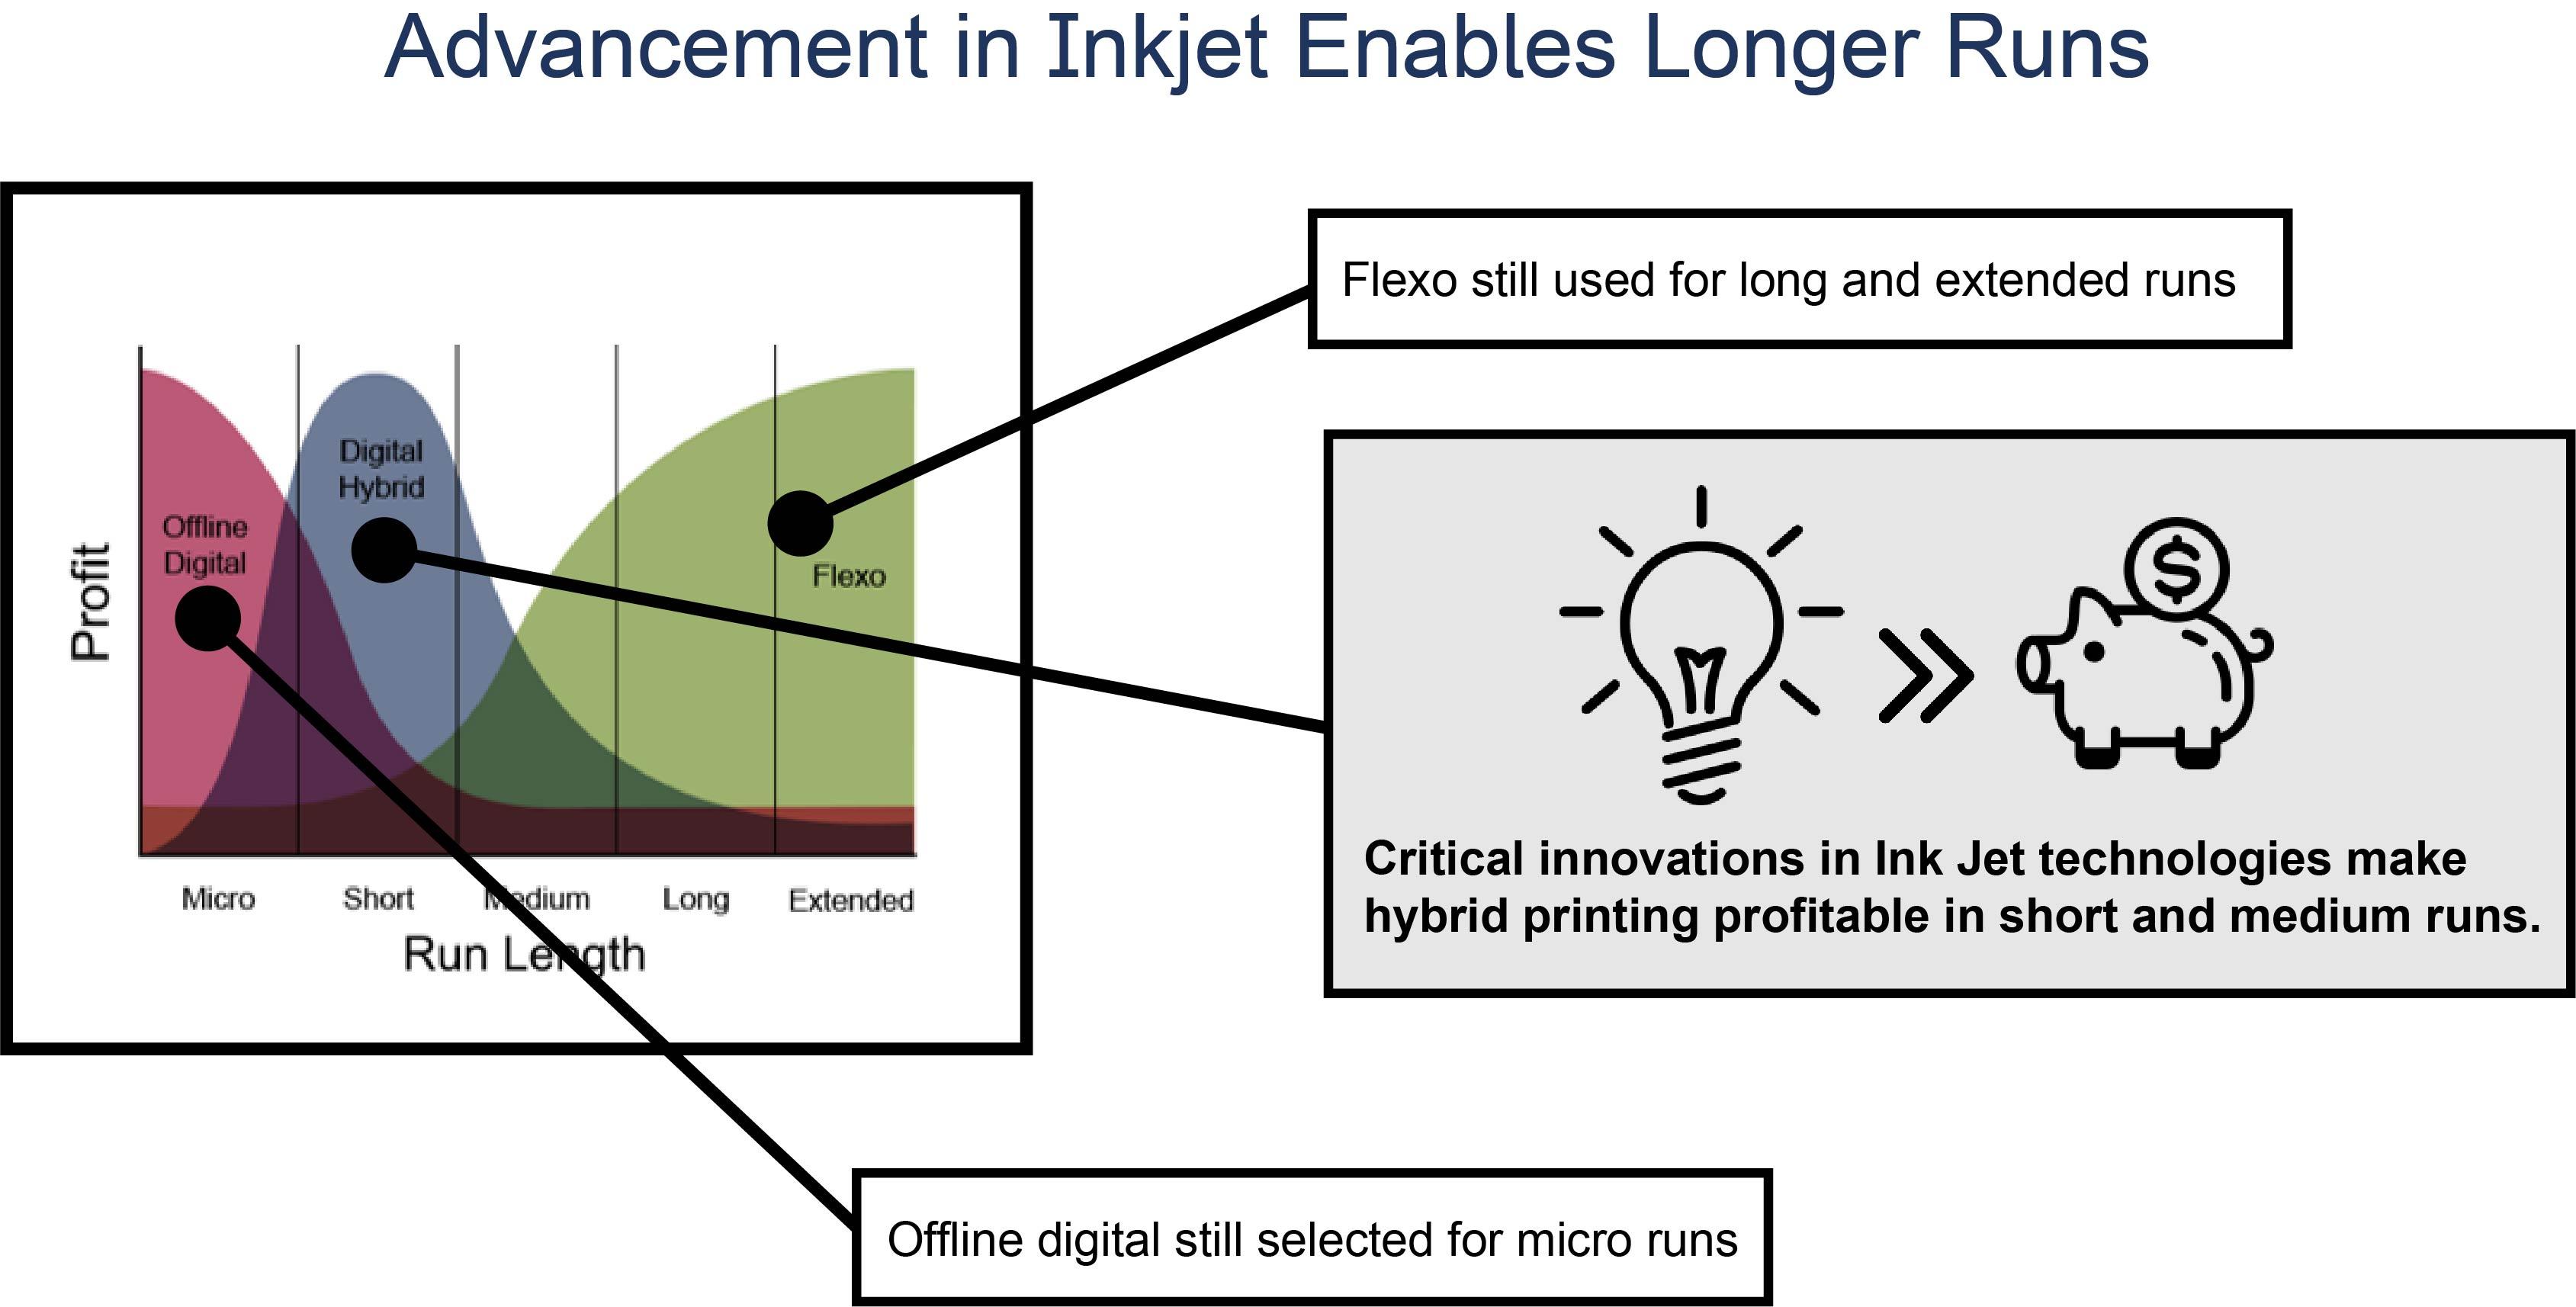 advancement_in_inkjet_enables_longer_runs